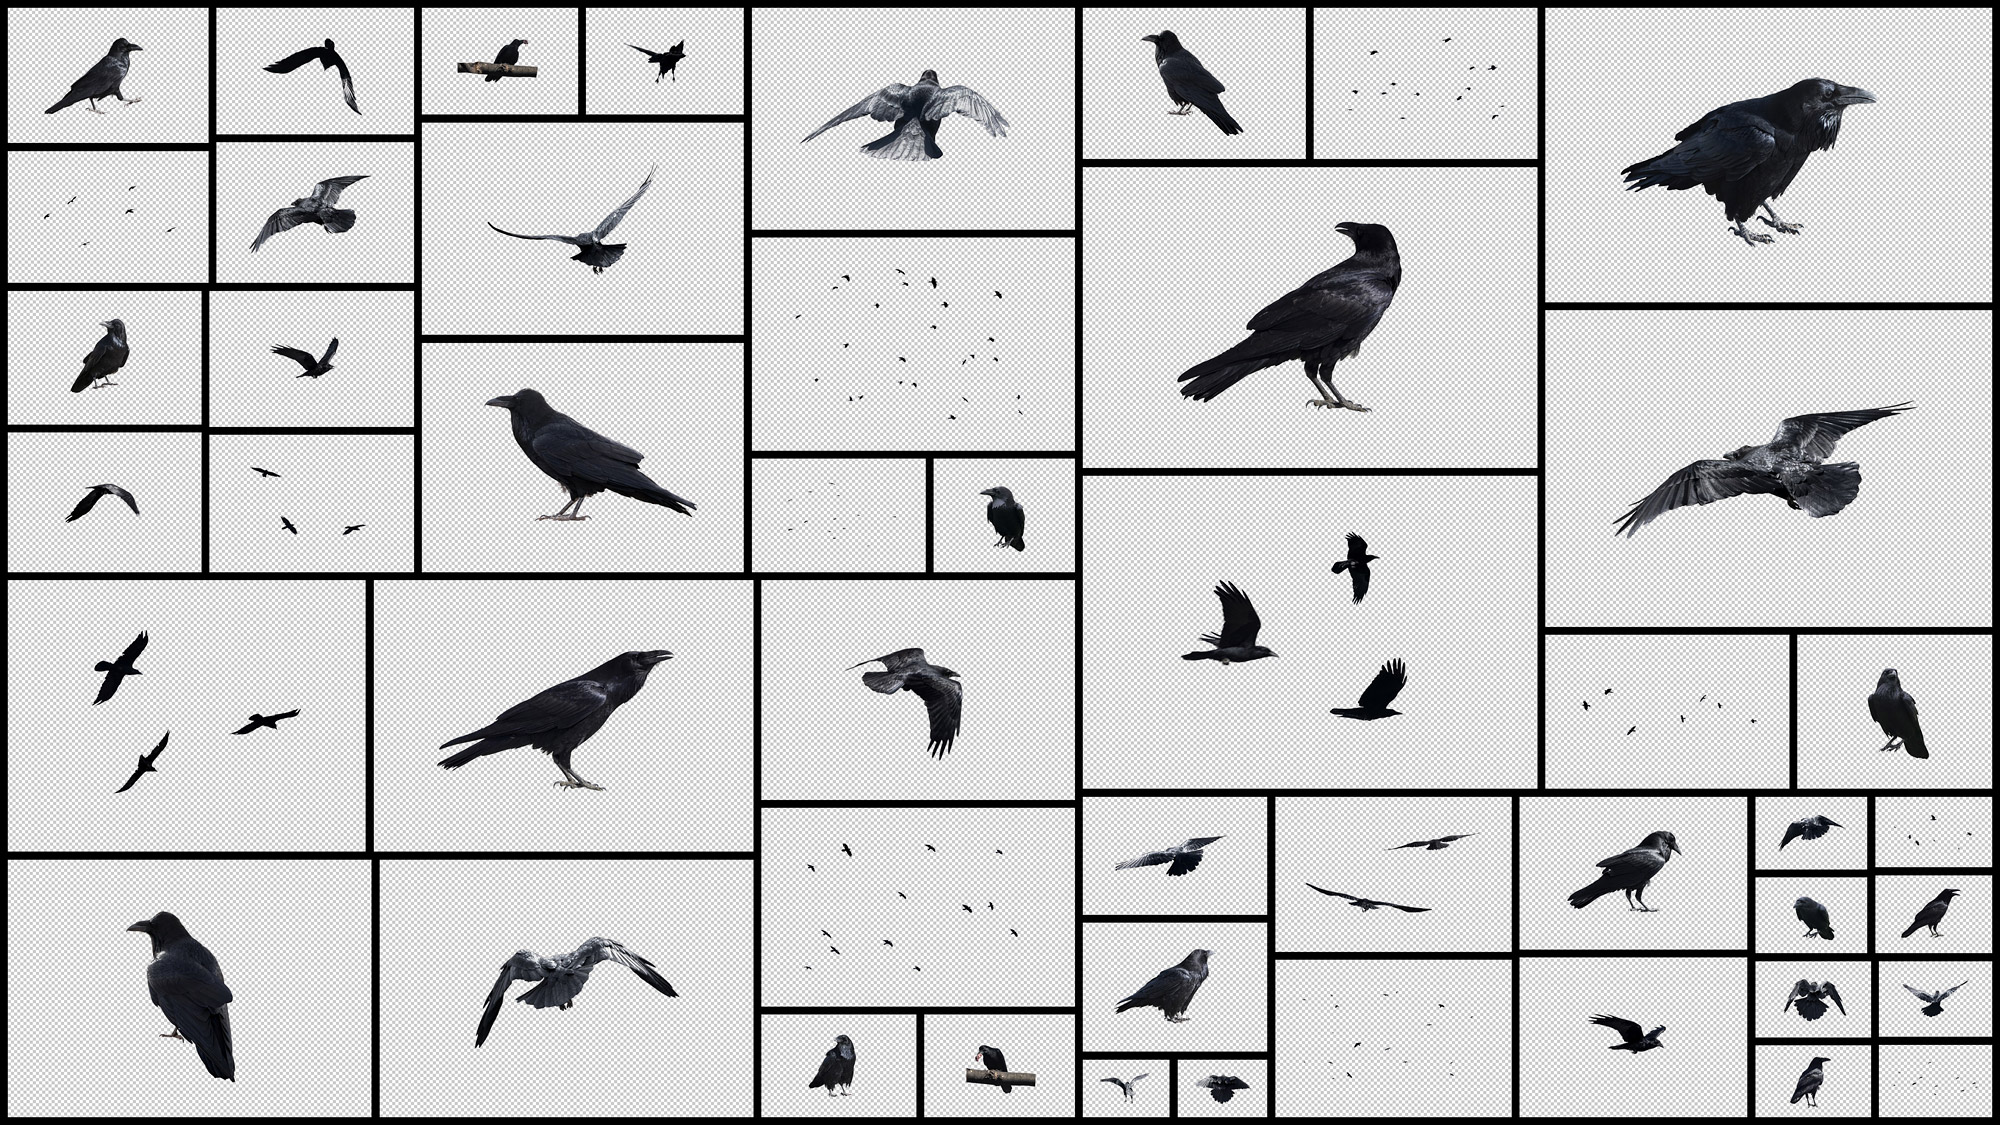 Crows-&-Ravens.jpg